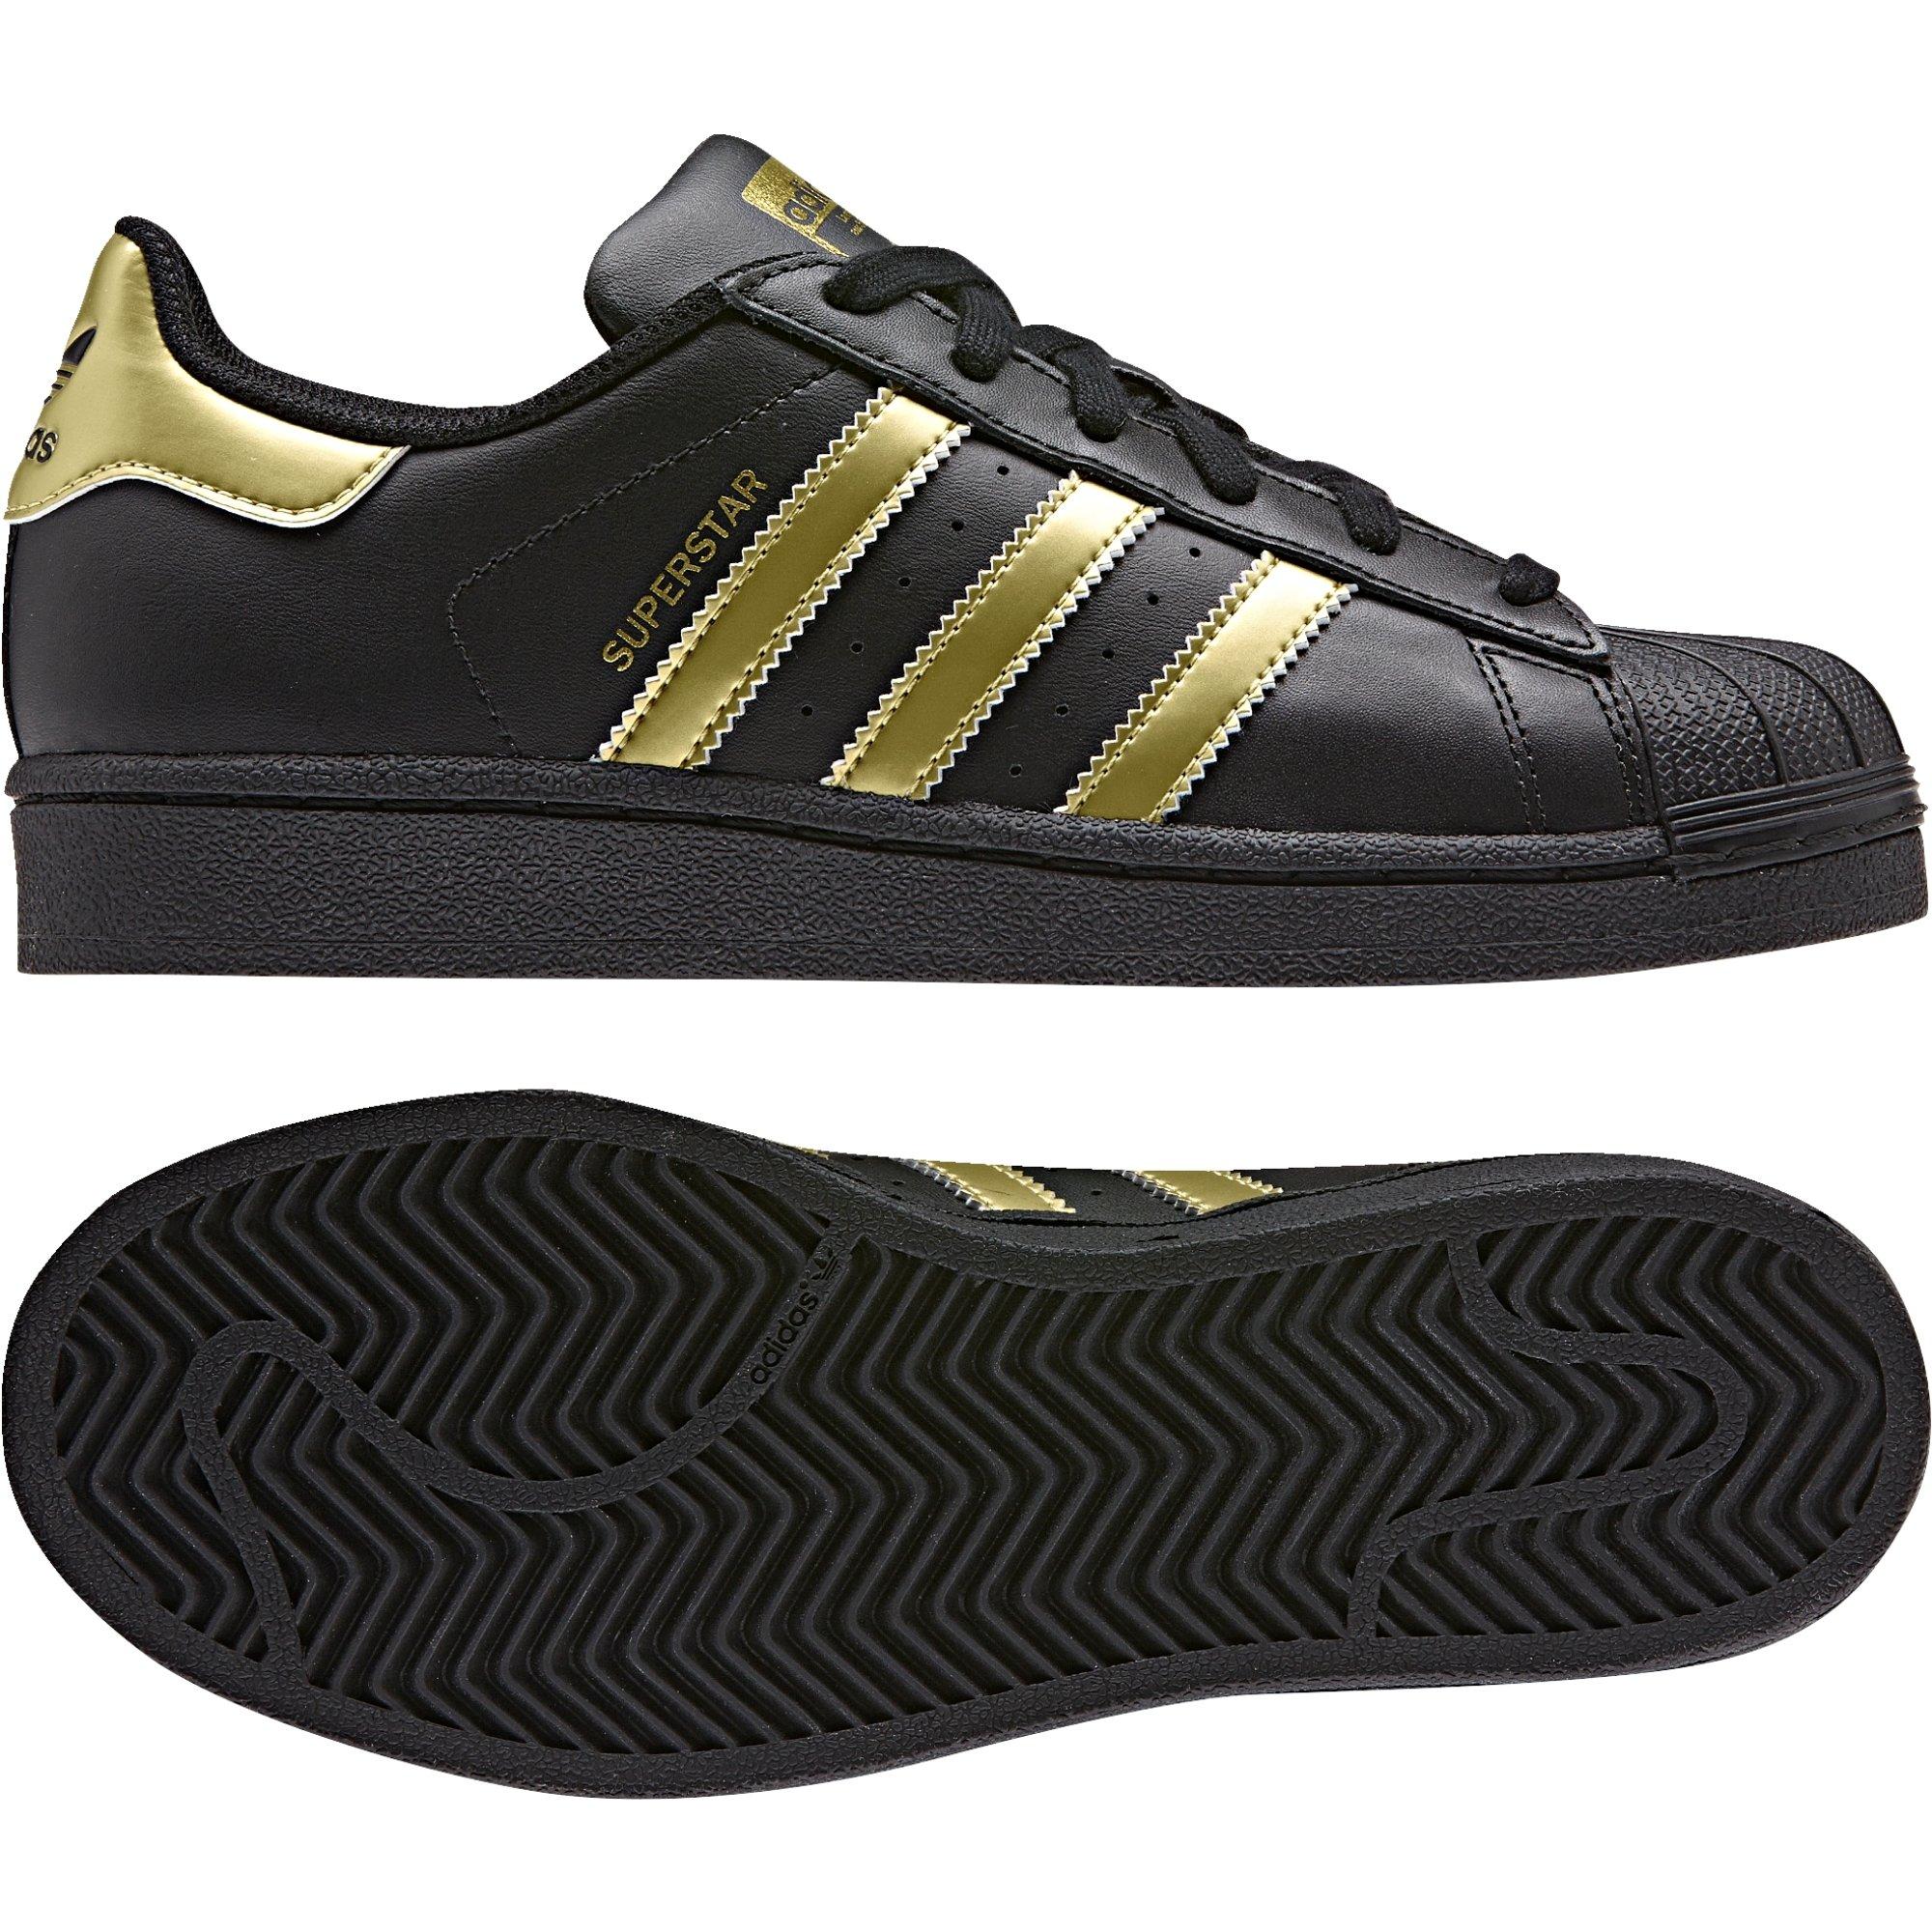 892c916df buty damskie adidas Superstar J r 36 2/3 BB2871 - 7006105000 ...